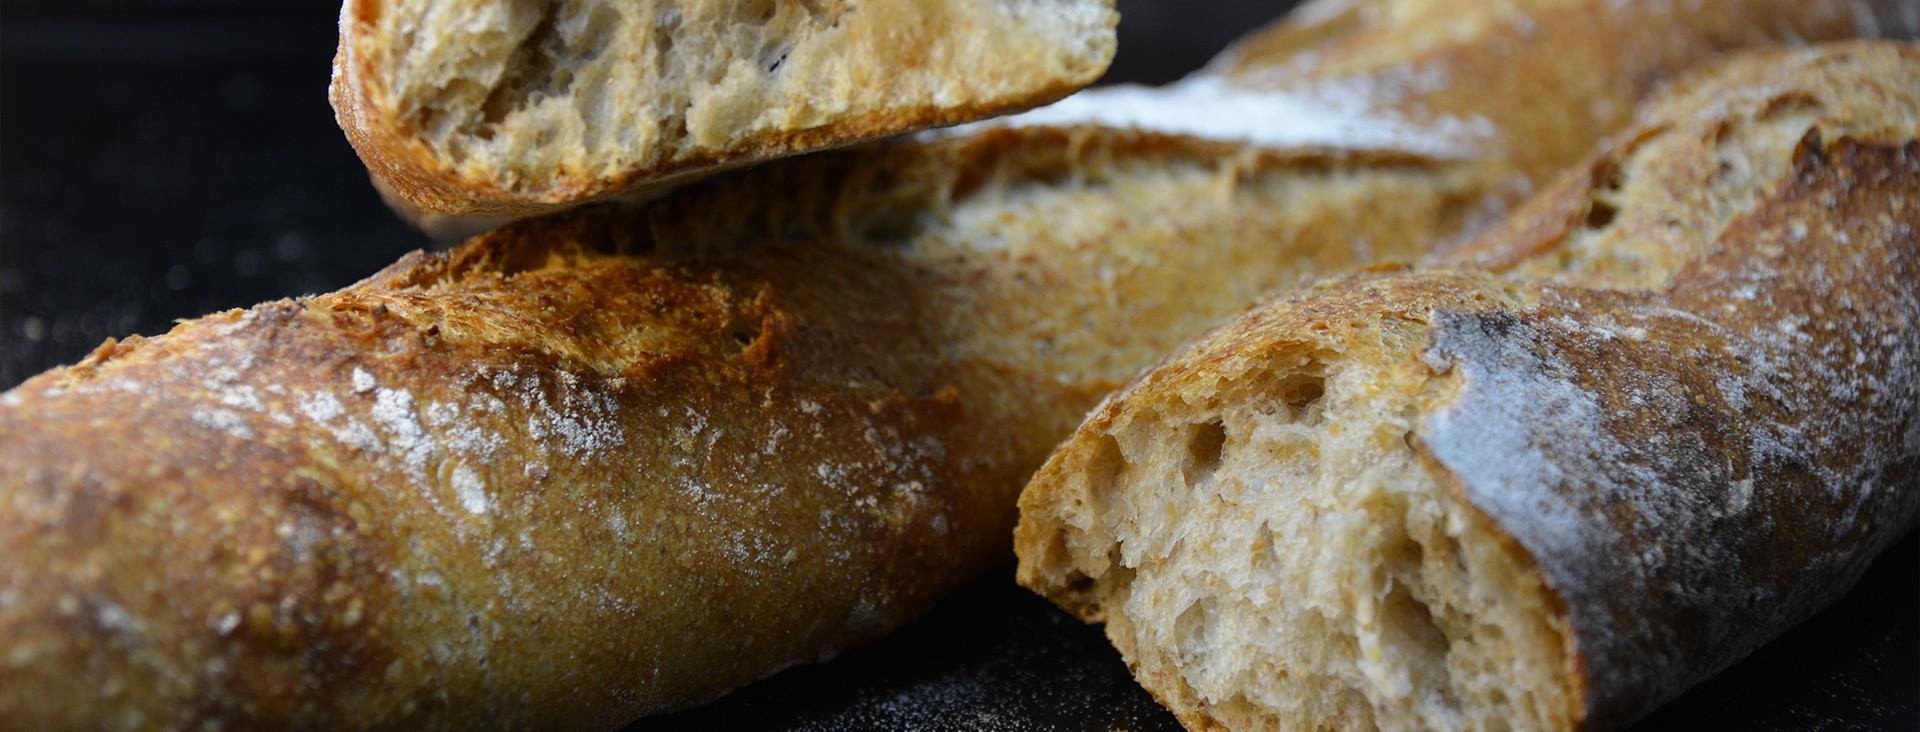 Baguette longue fermentation